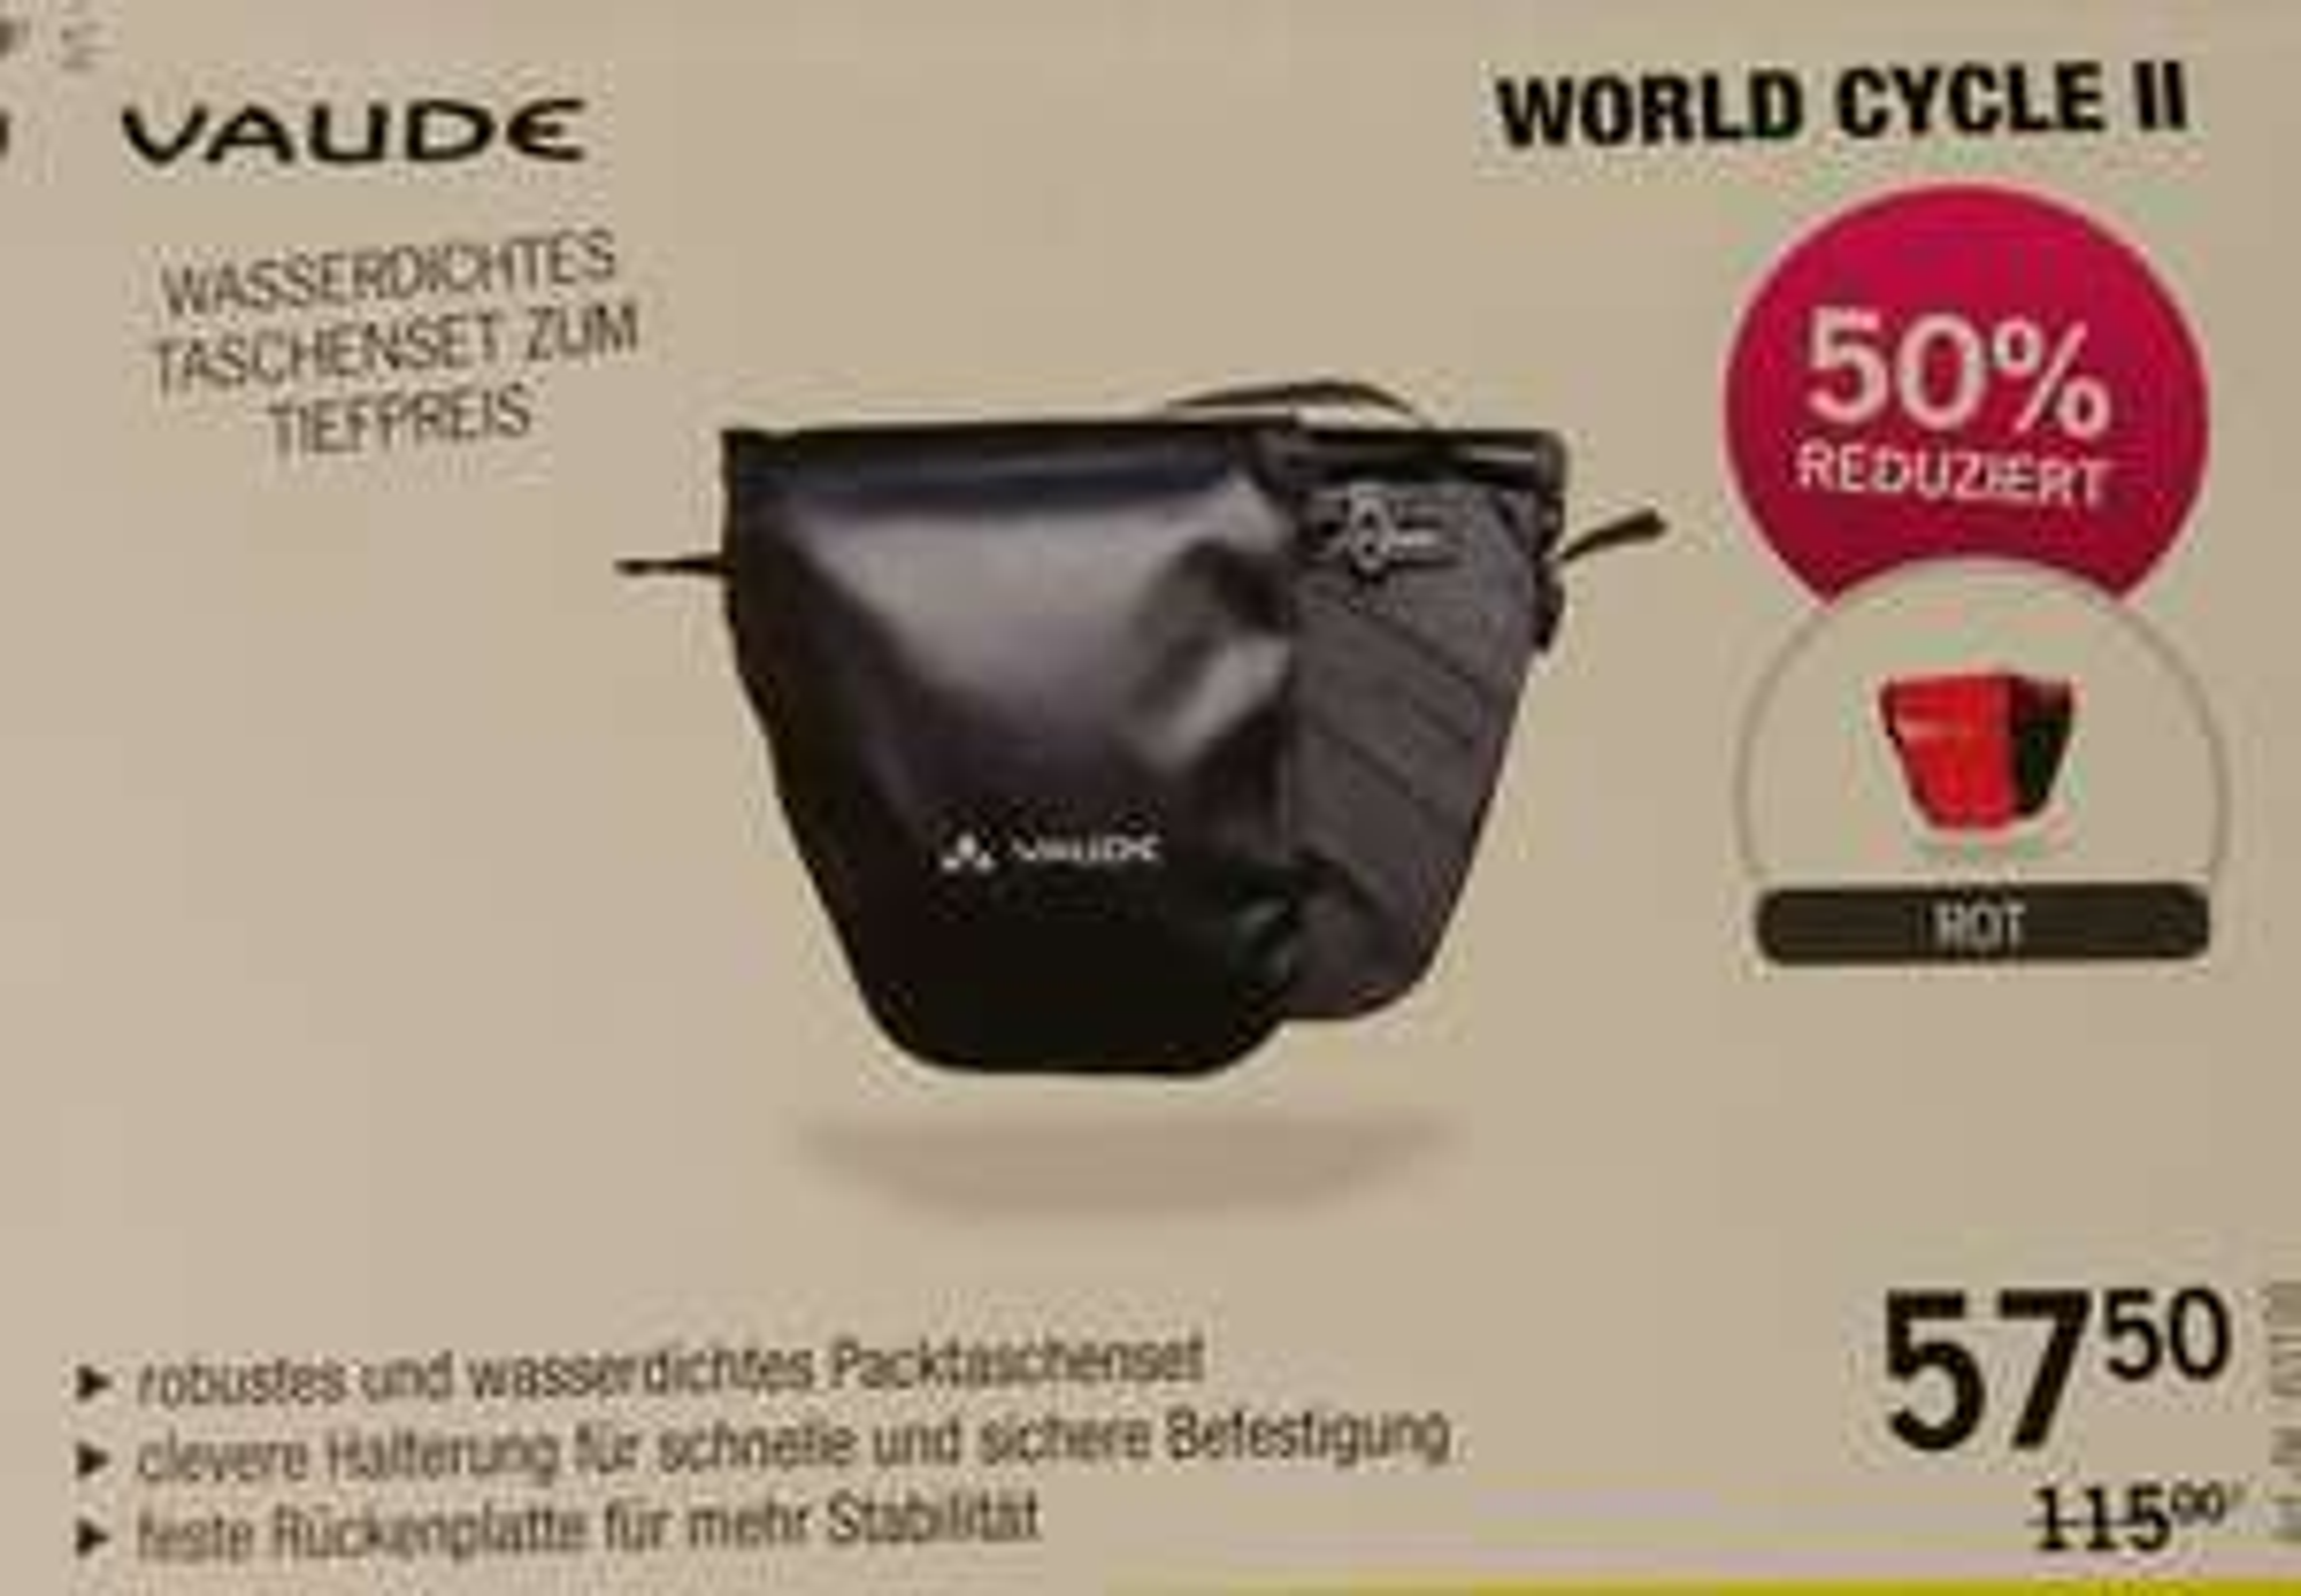 Vaude World Cycle II - Fahrradtaschen Set (Wasserdicht) [Mönchengladbach]